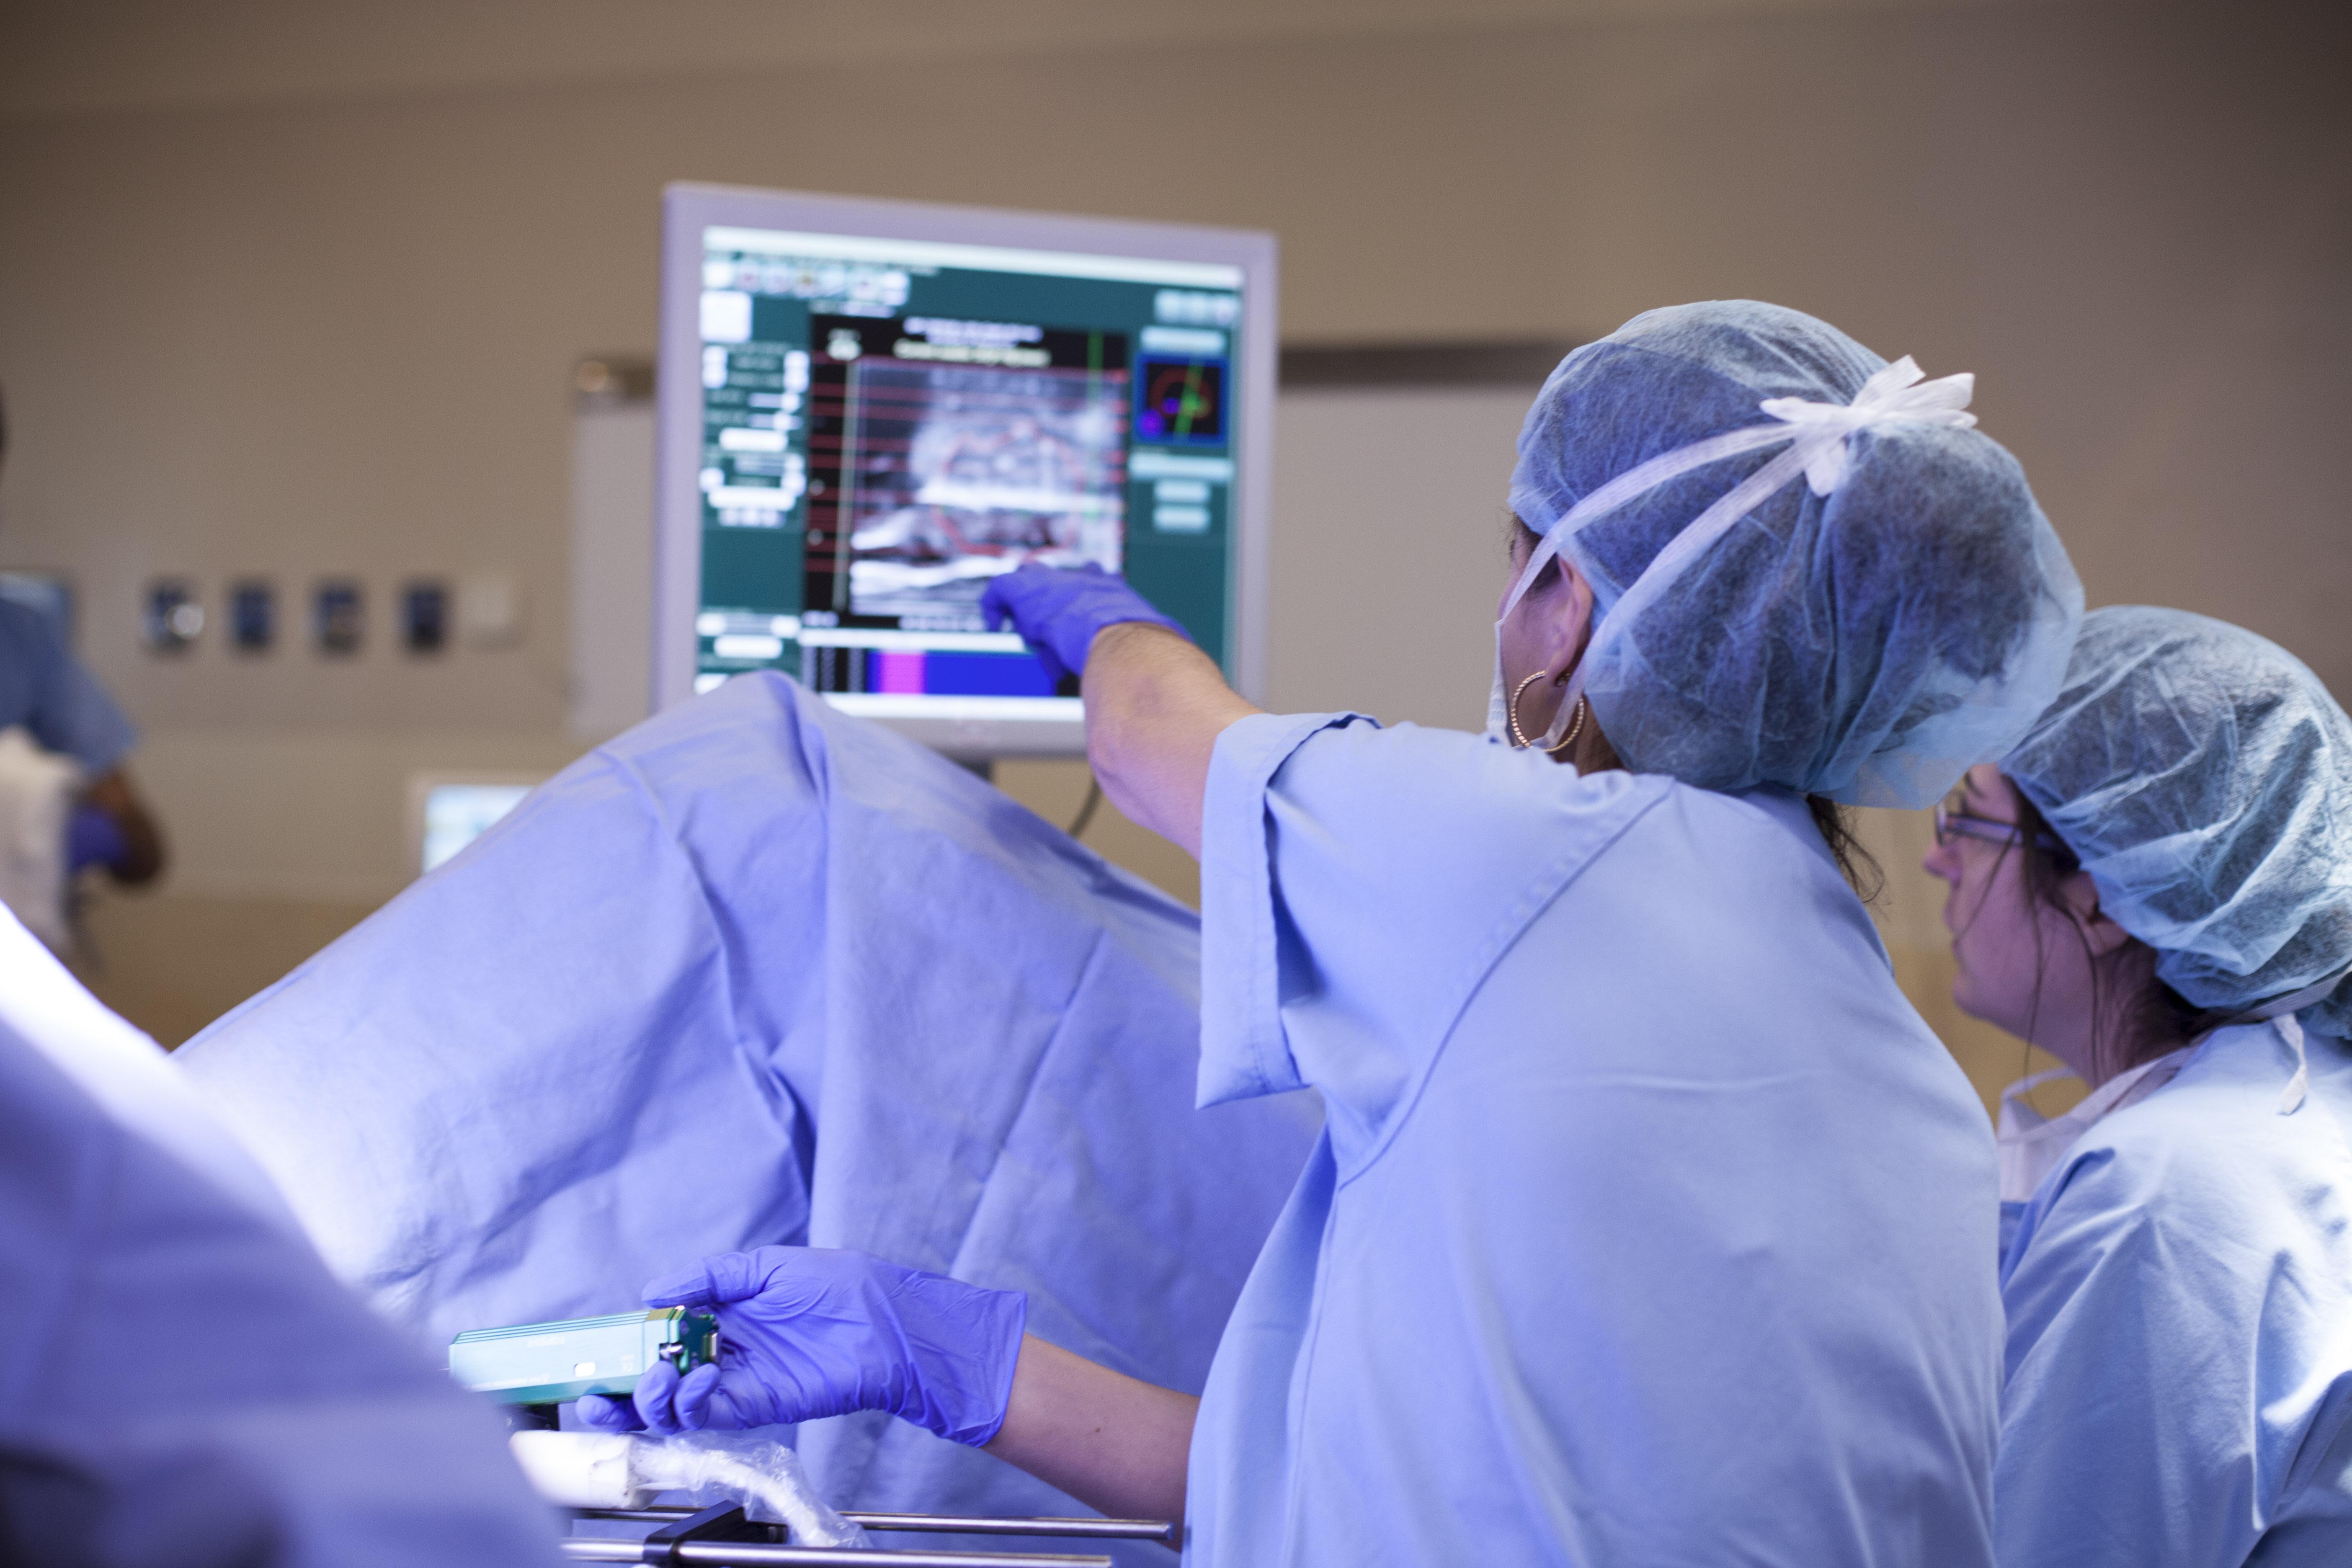 Tenemos noticias de los mejores hospitales de cáncer de próstata